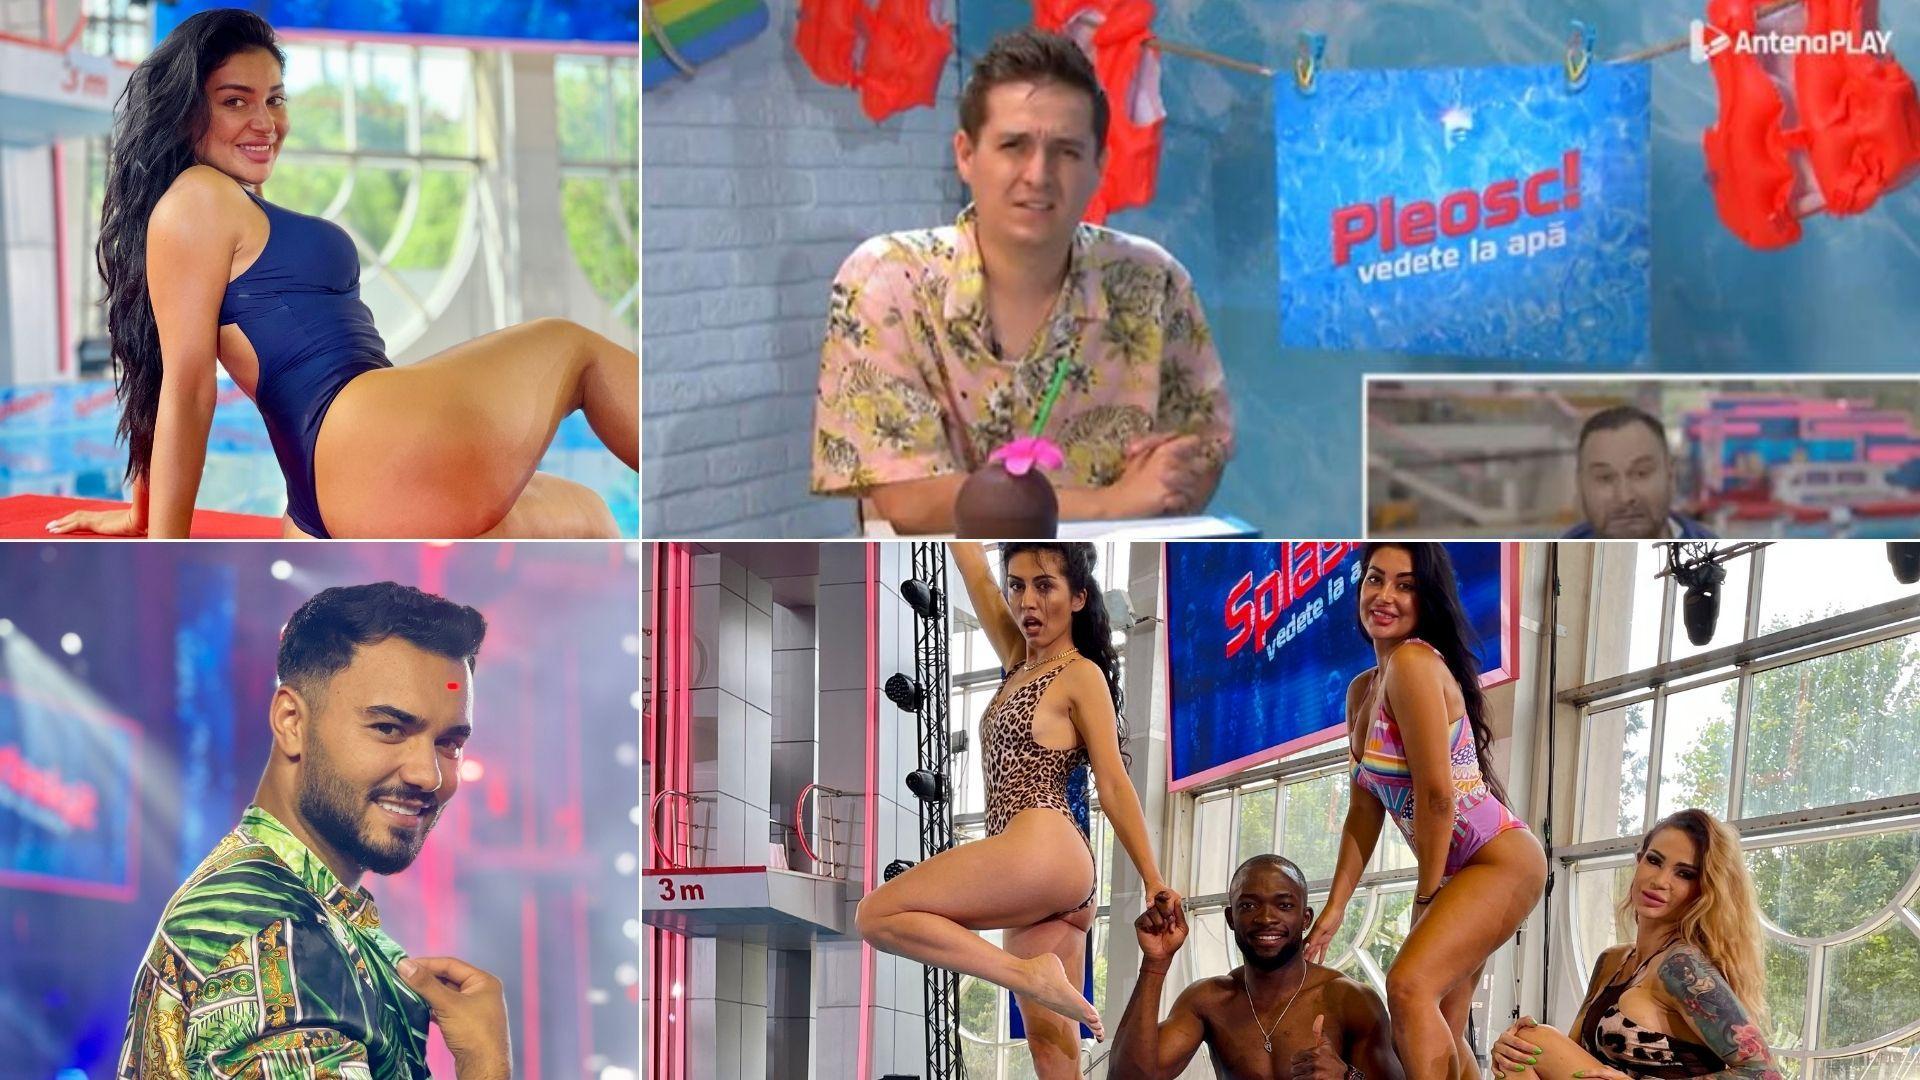 Pleosc! Vedete la apă 2021, episodul 5. George Tănase i-a luat la rost și la roast pe concurenții ediției 5 Splash! Vedete la apă